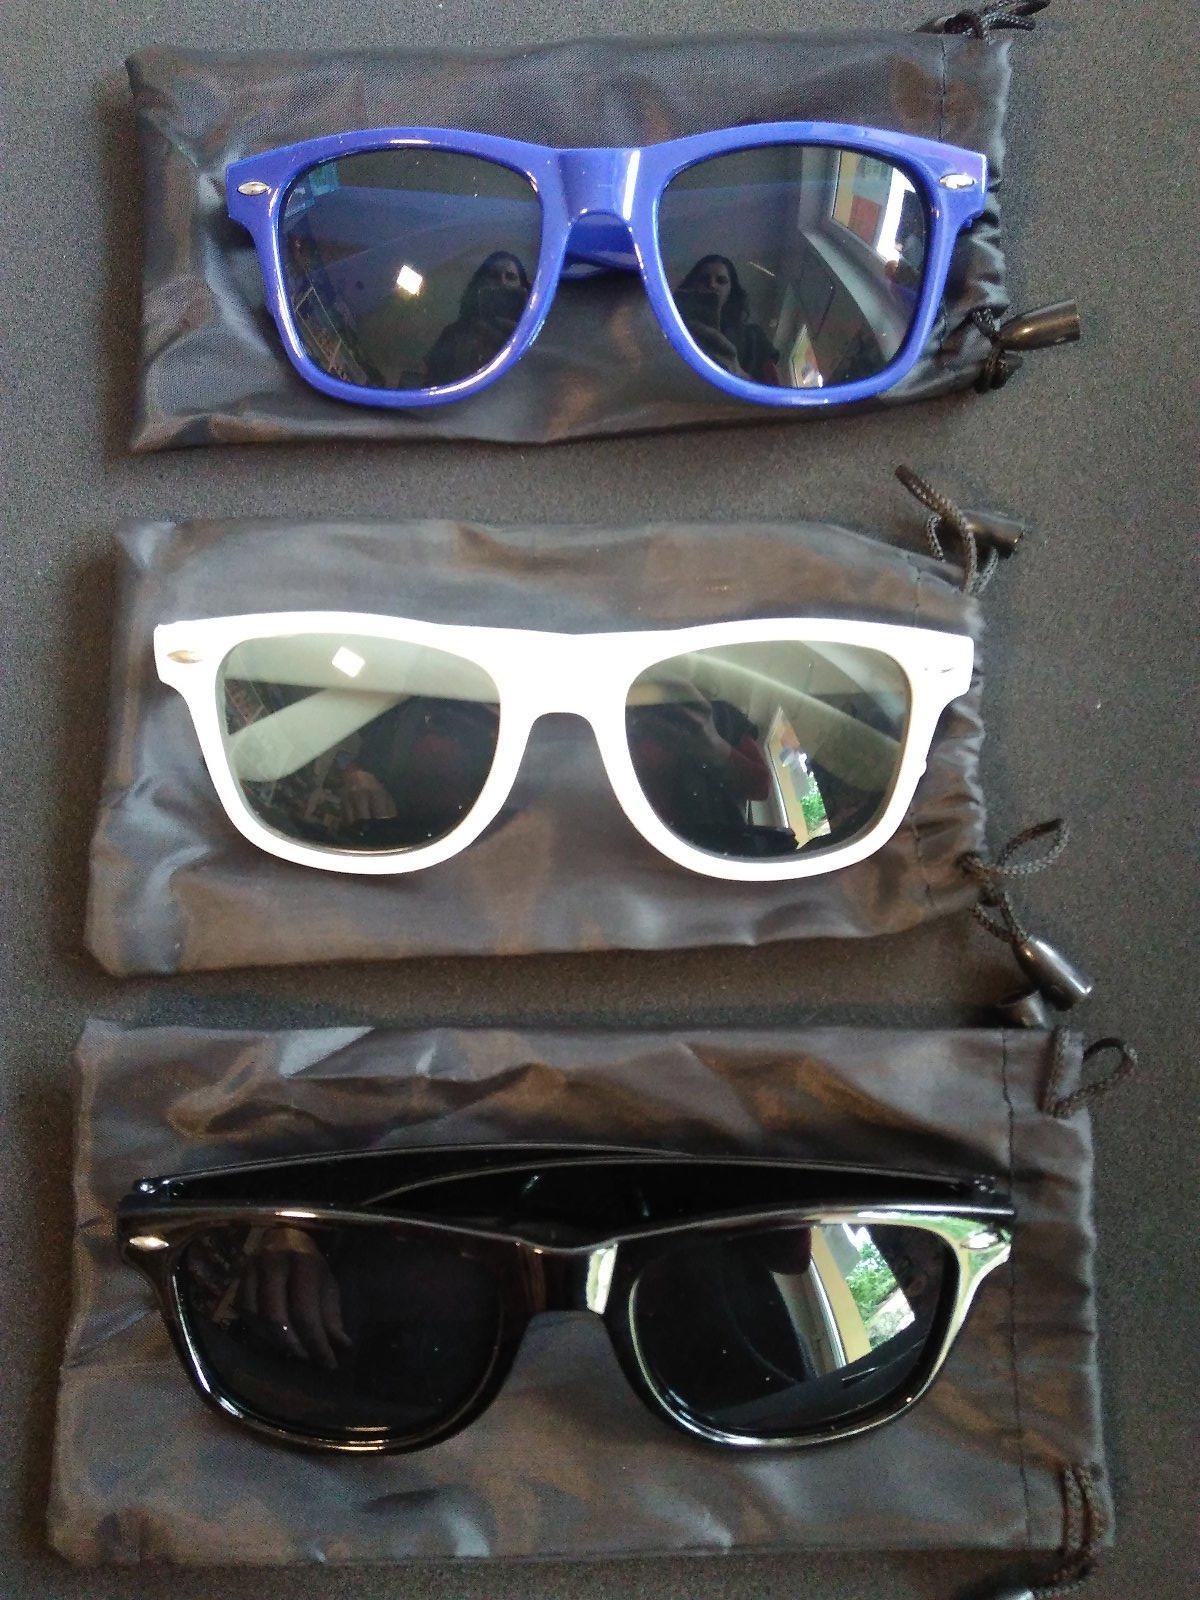 3778ce632 Slnečné okuliare wayfarer - uv 400, - 4,90 € od predávajúcej hela111 ...